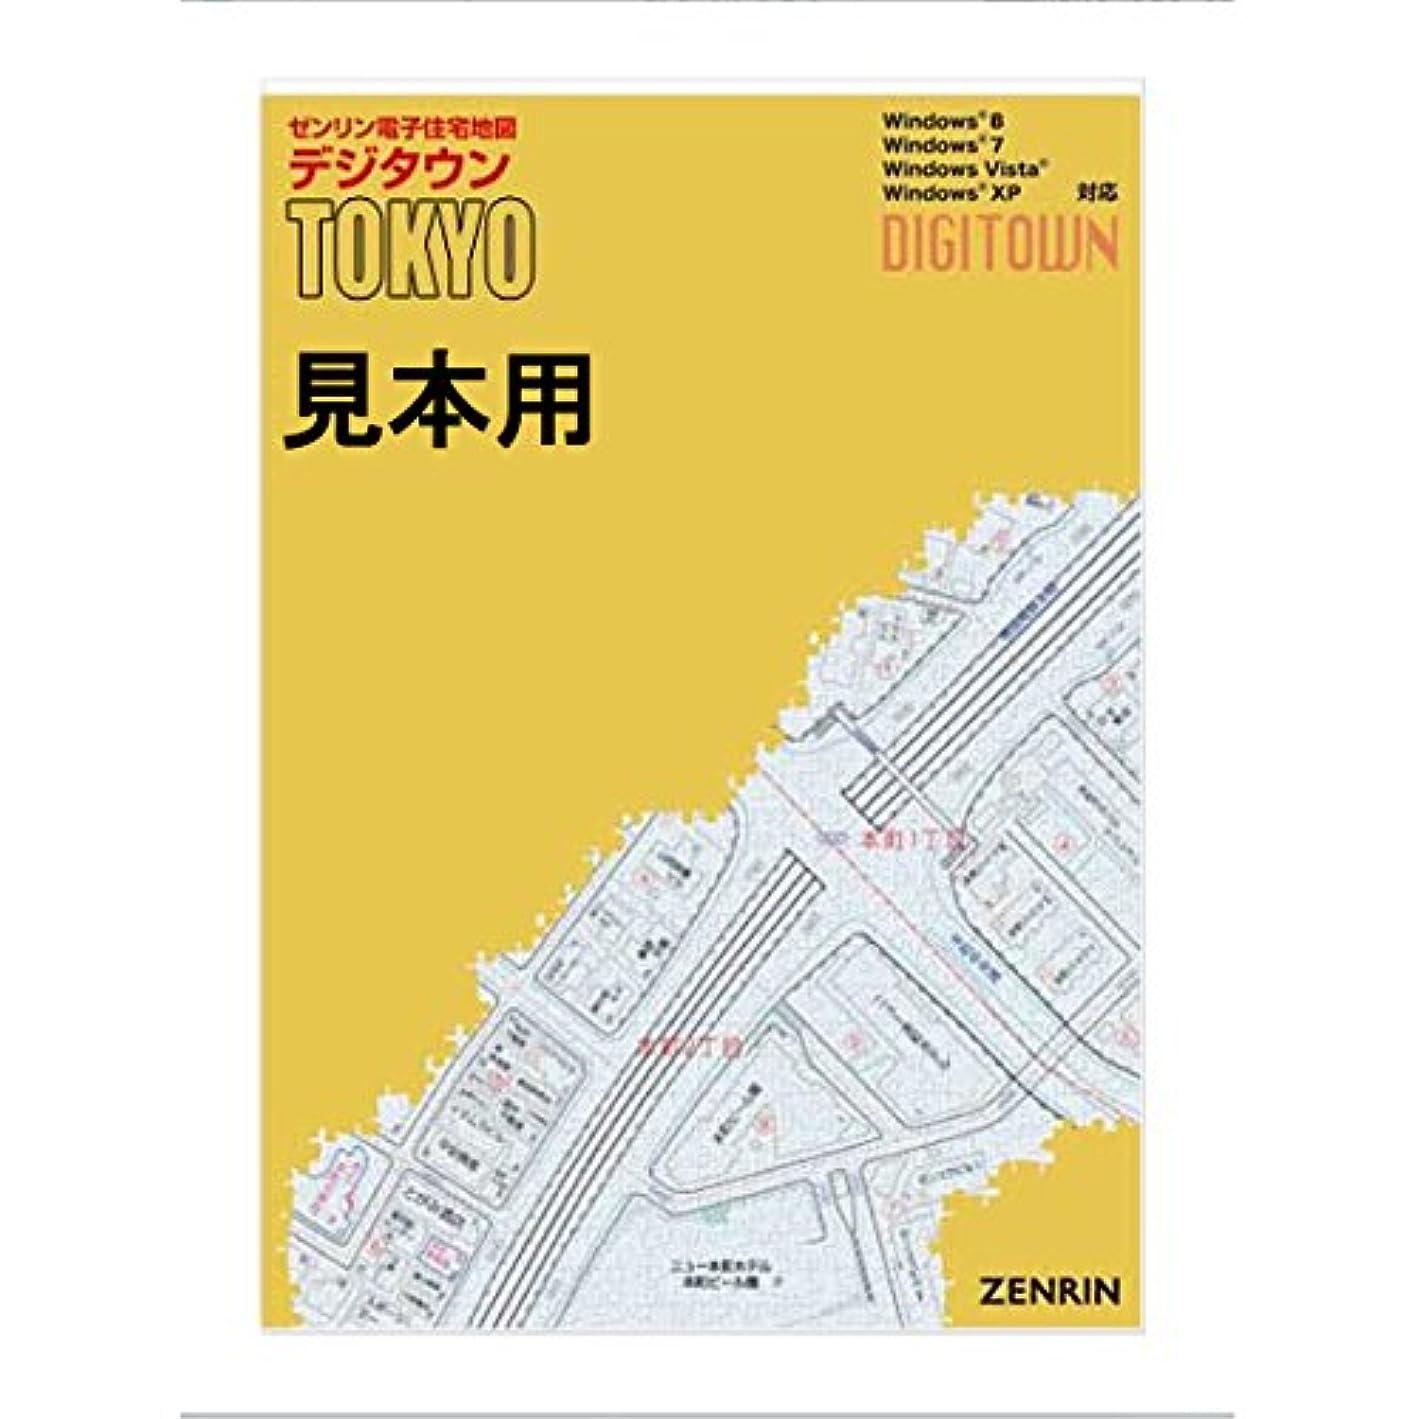 橋麺窒素ゼンリン電子住宅地図 デジタウン 高知県 高知市 発行年月201909 392010Z0H